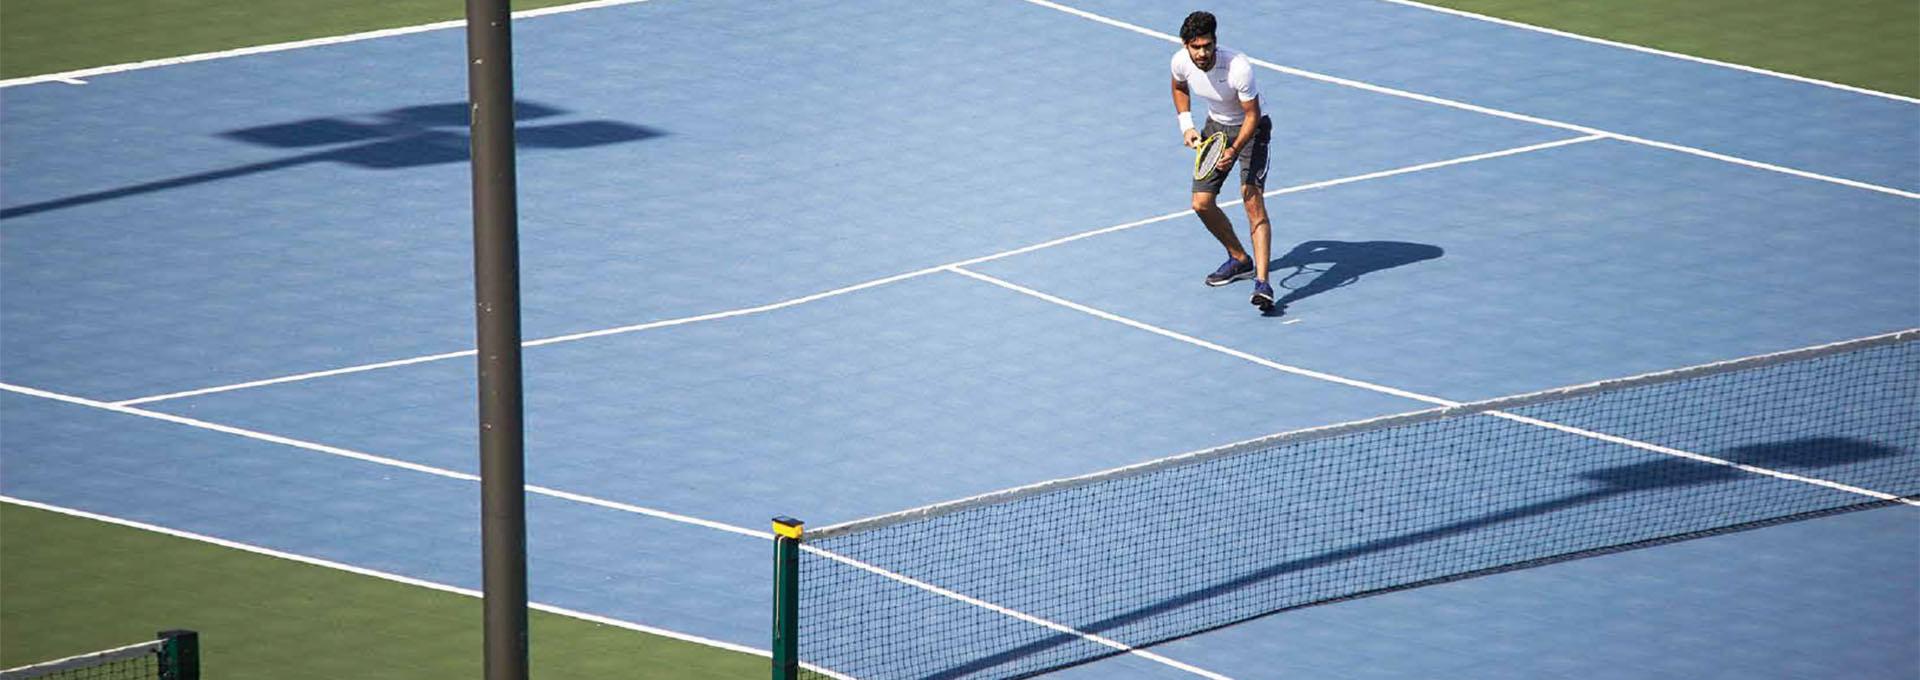 shankarpally shankarpally lawn tennis